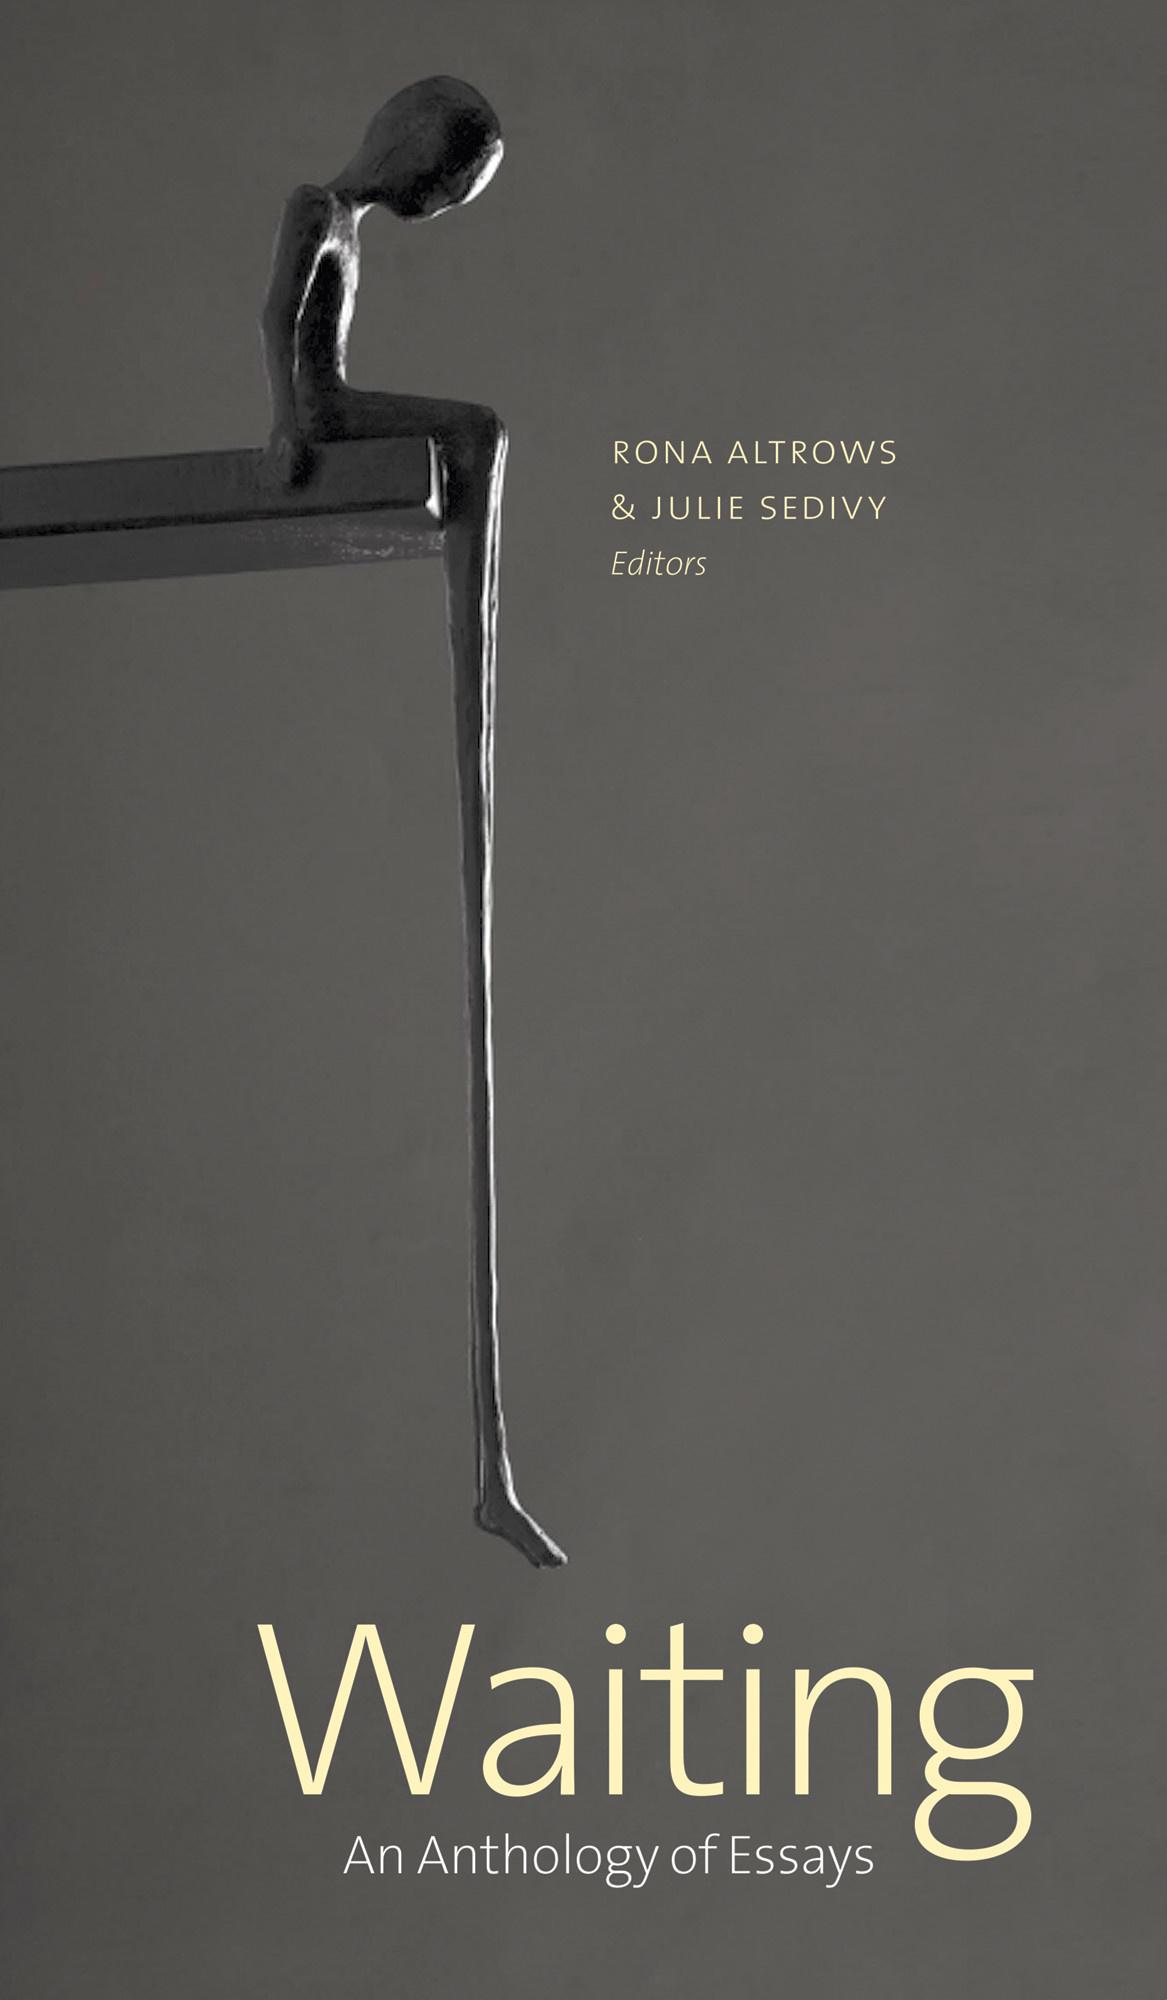 Waiting: An Anthology of Essays